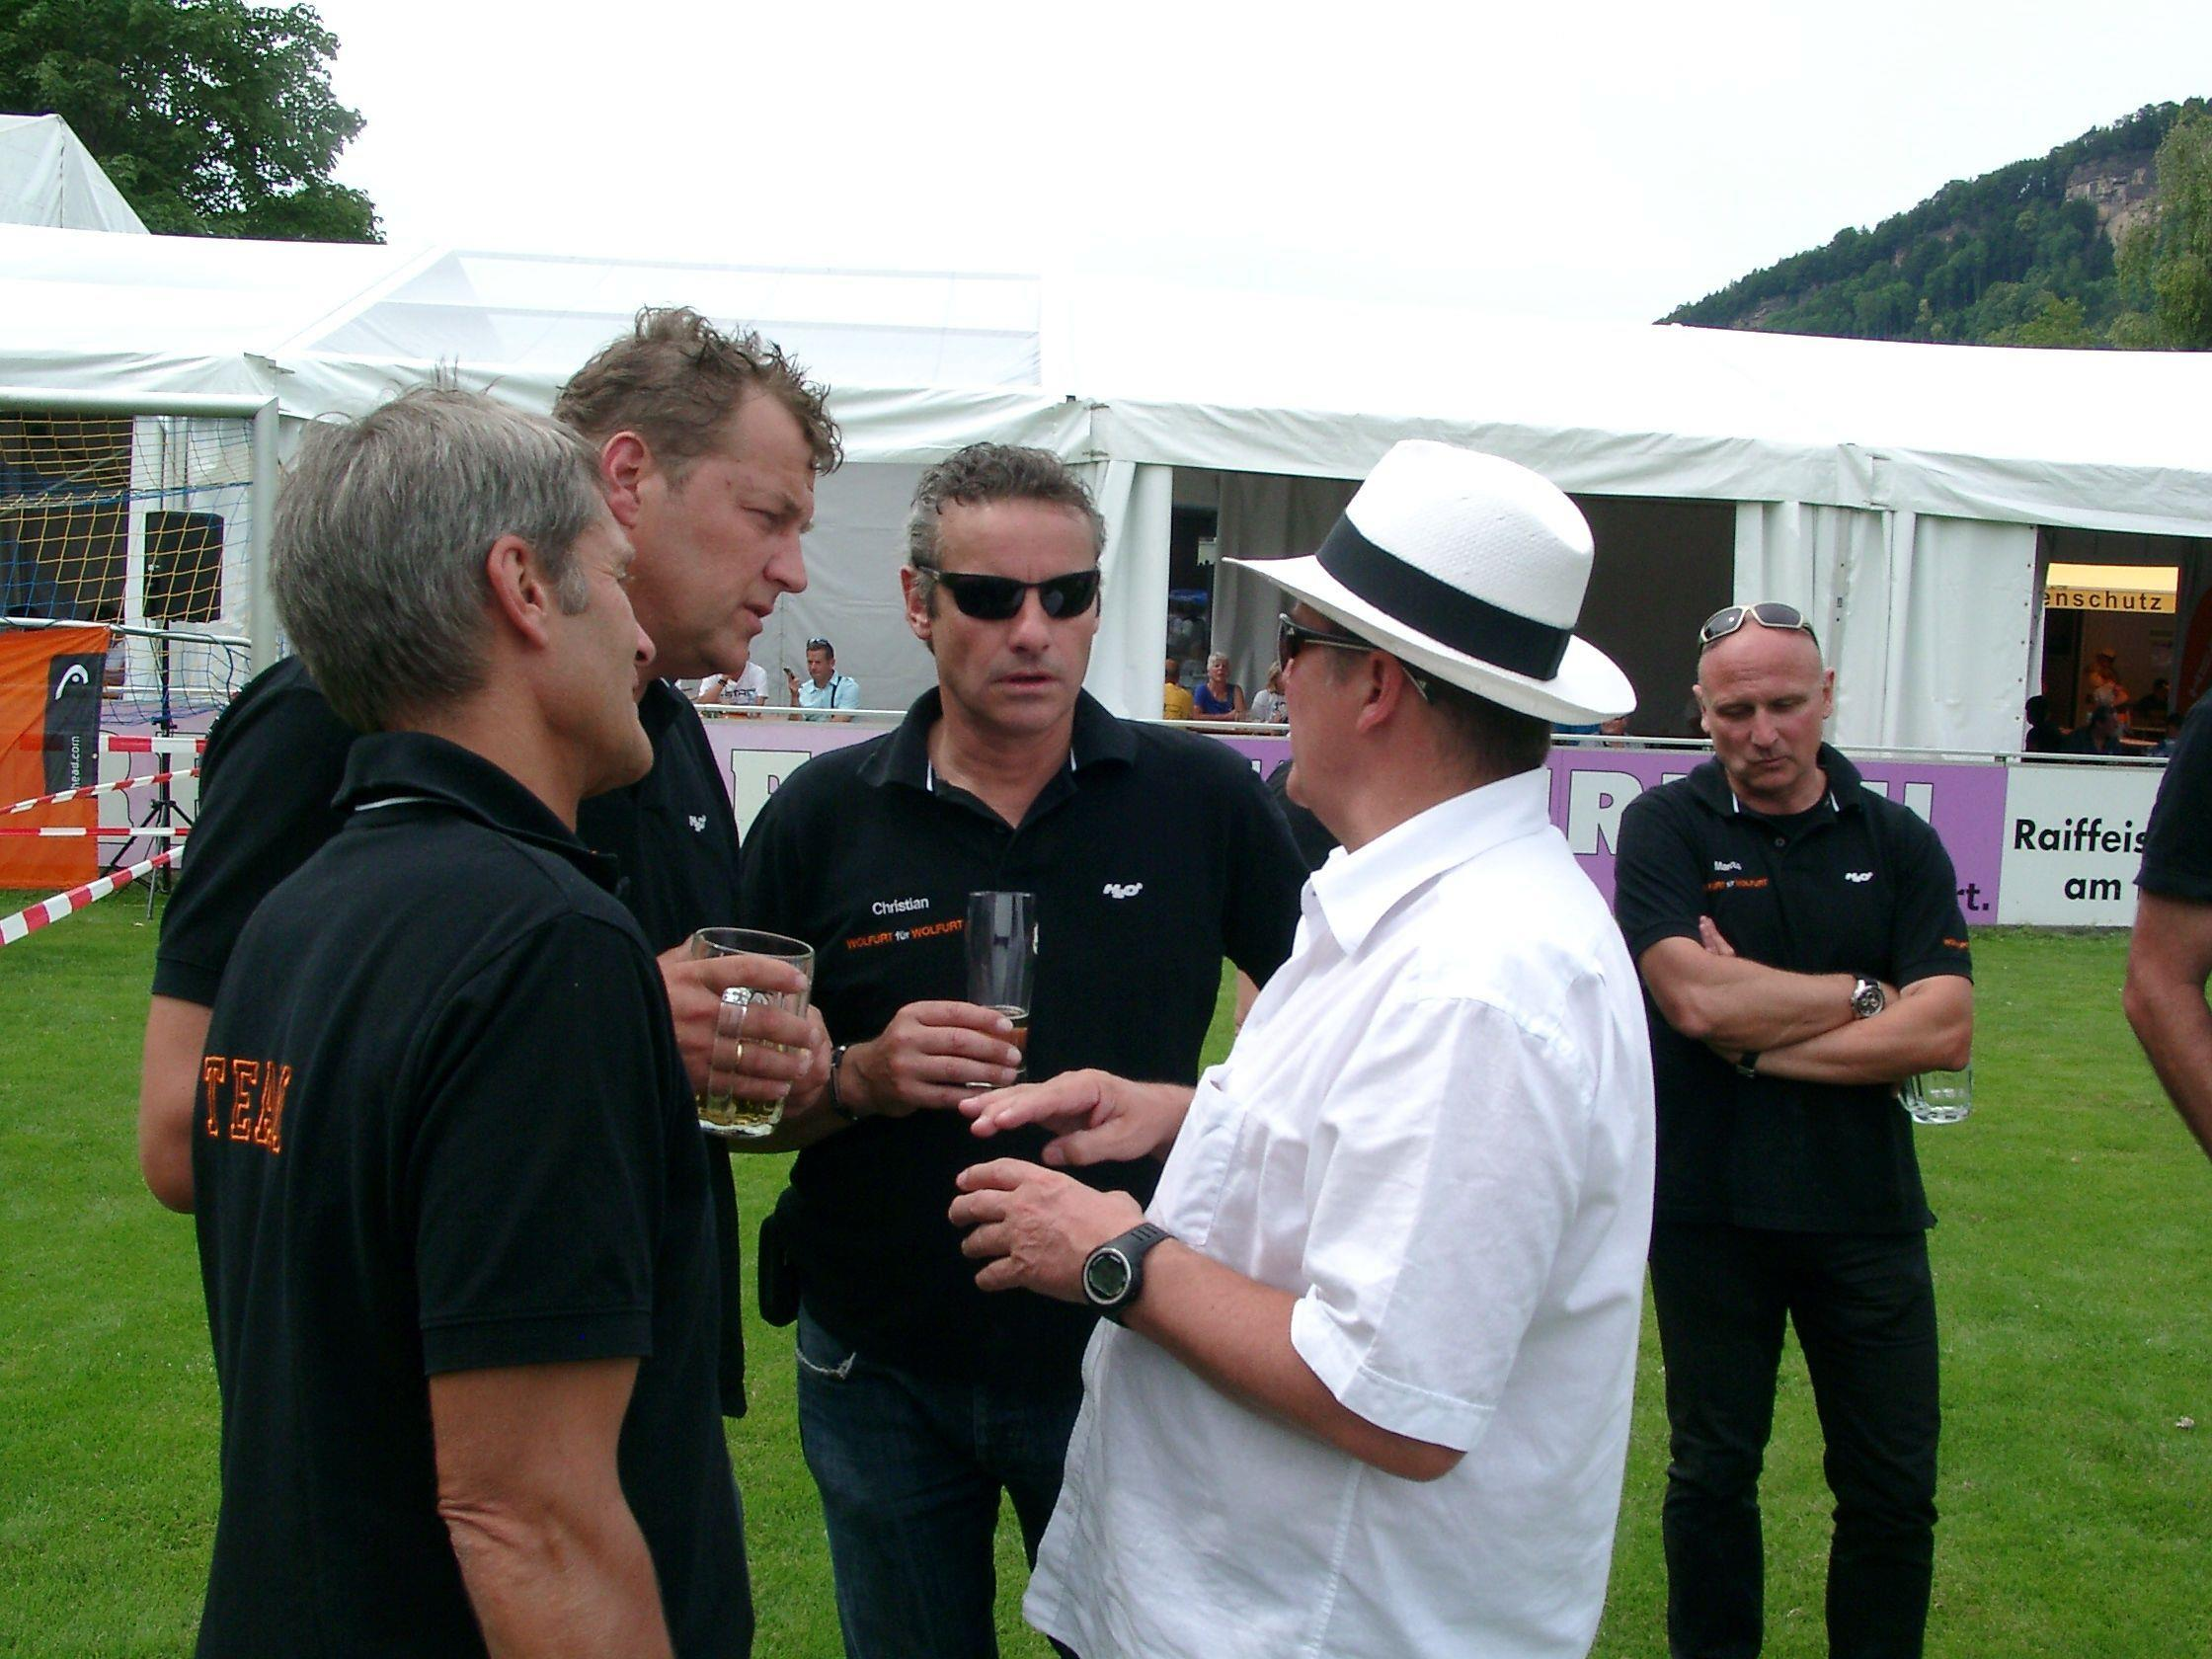 Bürgermeister Christian Natter mit OK-Mitgliedern im Smalltalk beim Wolfurter Stundenlauf.